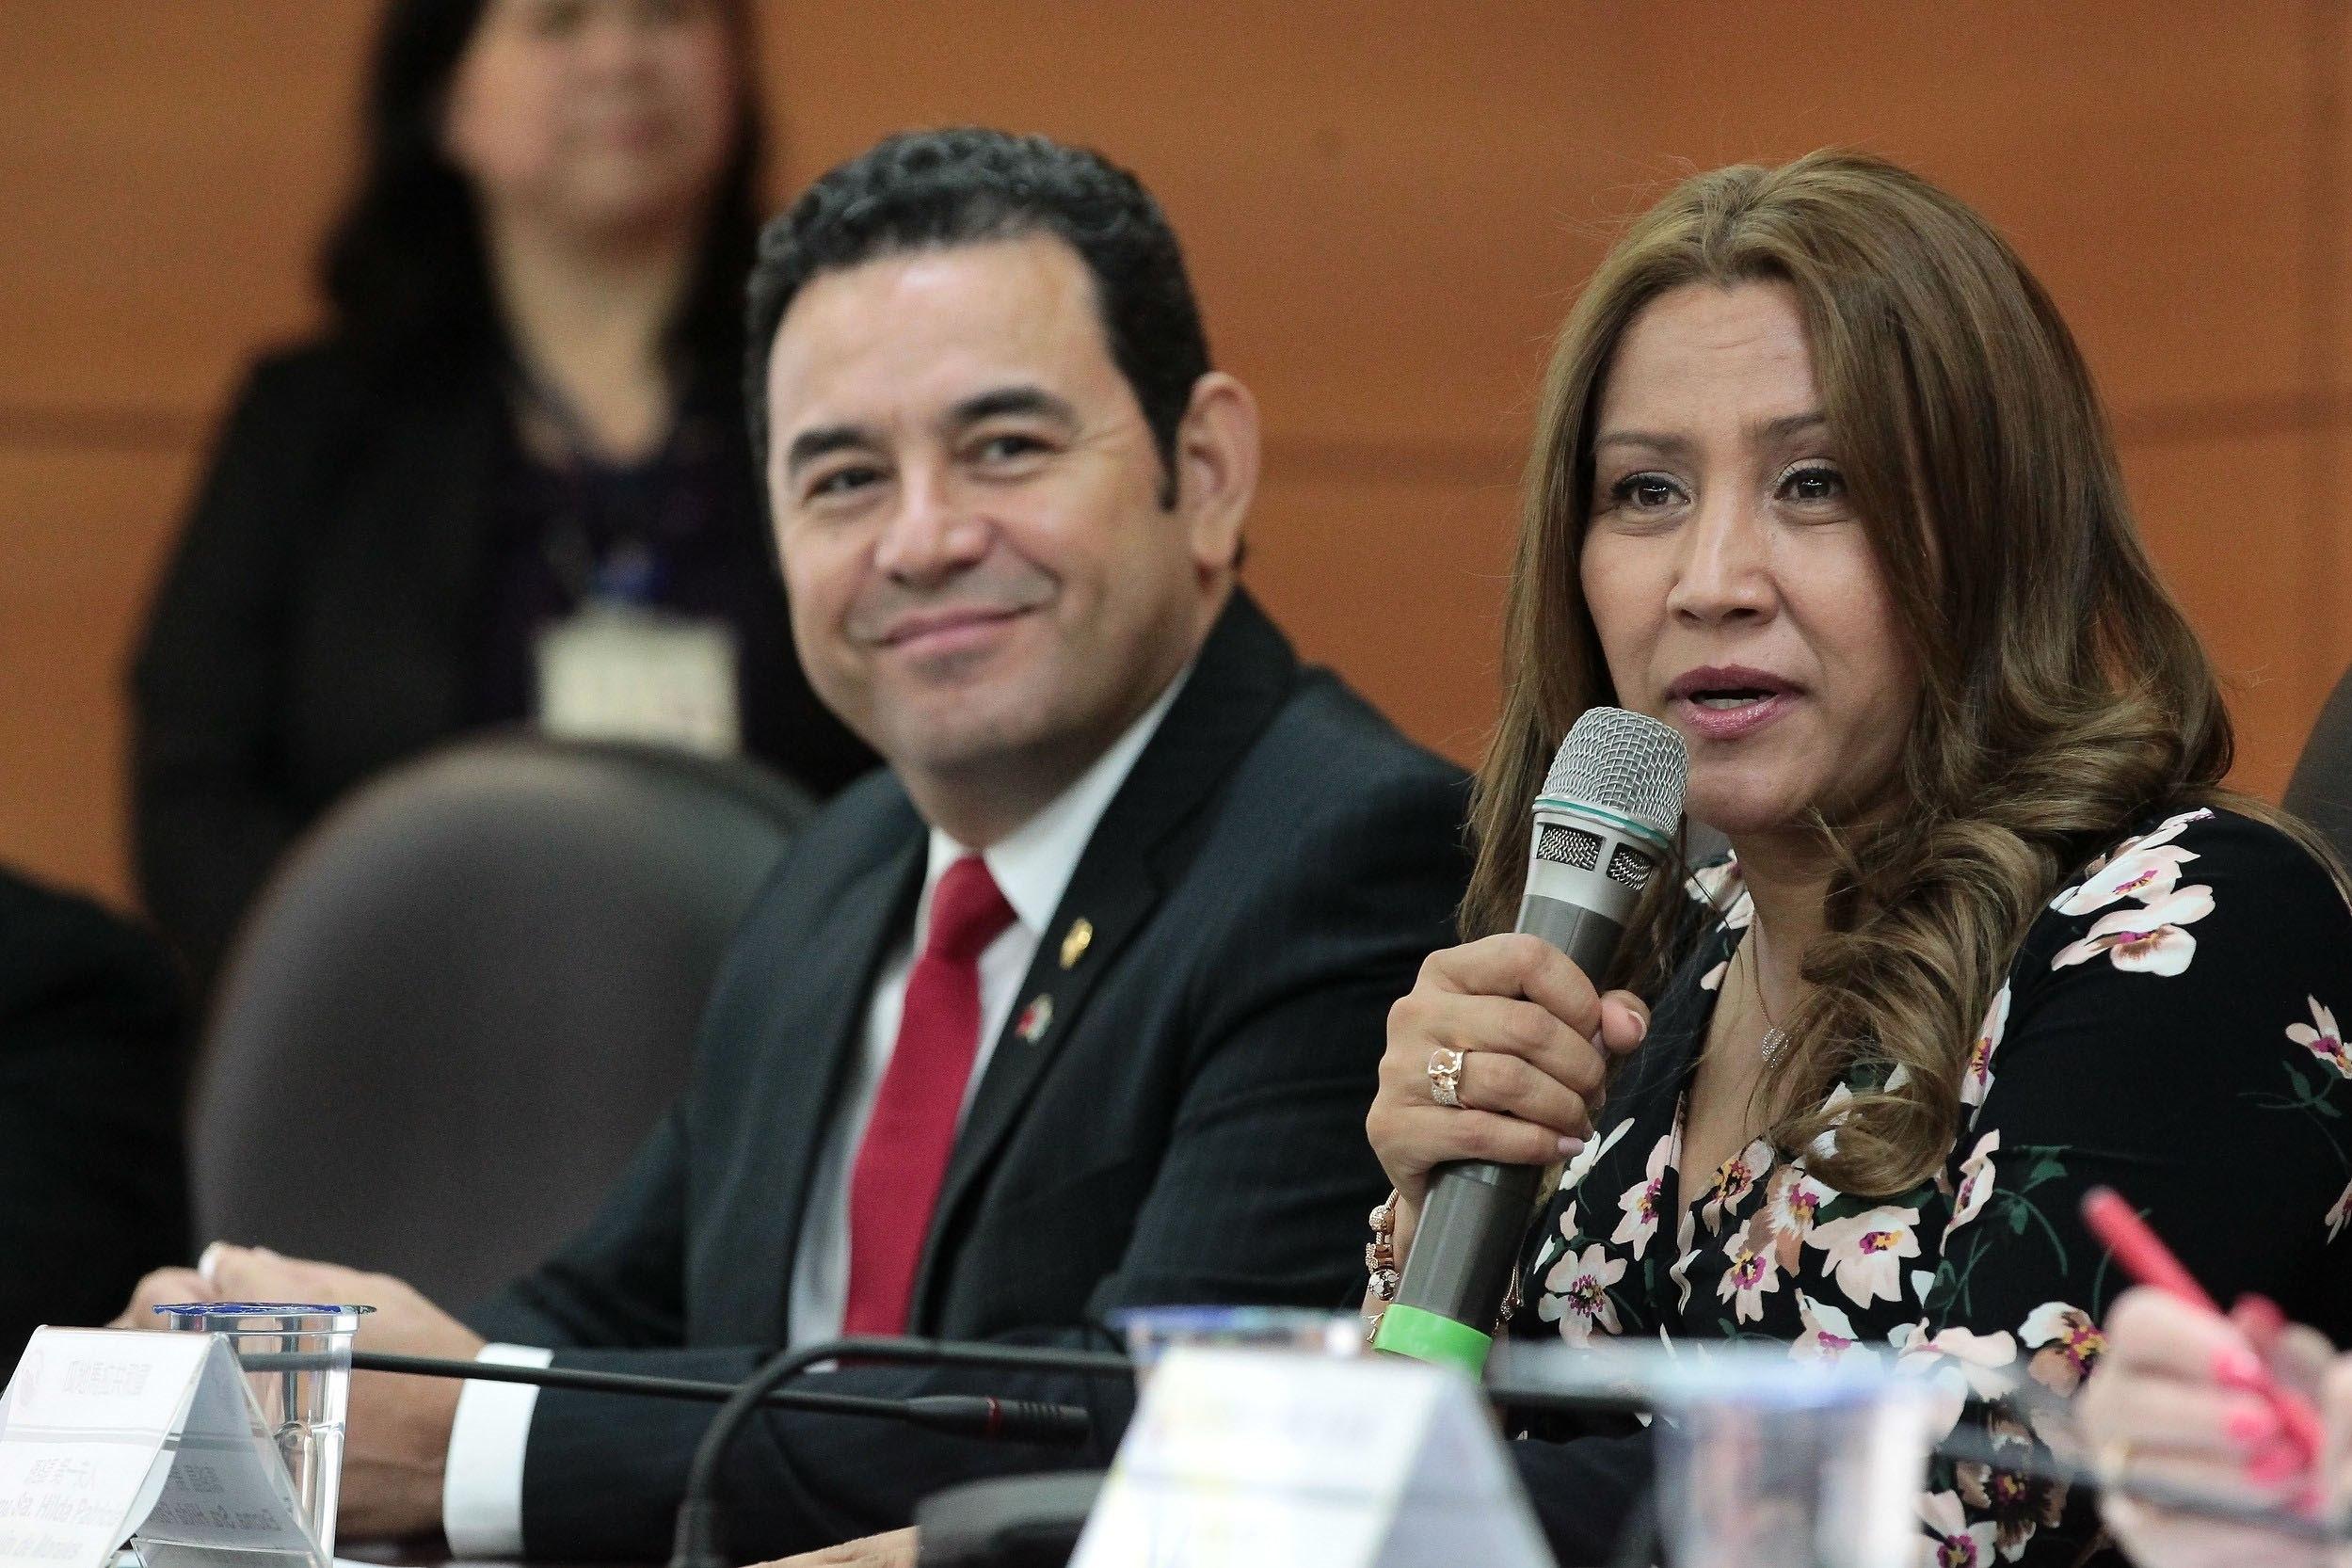 GU3013. TAIPÉI (TAIWÁN), 1/05/2019.- Fotografía cedida por la Secretaría de Comunicación Social de la Presidencia de Guatemala que muestra al mandatario Jimmy Morales (i), y su esposa, la primera dama Patricia Marroquín de Morales (d), en una visita al Hospital de Niños de la Universidad Nacional de Taiwán, este miércoles en el marco de una visita oficial, invitado por la presidenta de ese país, Tsai Ing-Wen, a Taipéi (Taiwán). EFE/ Secretaría De Comunicación Social De La Presidencia De Guatemala SOLO USO EDITORIAL/NO VENTAS